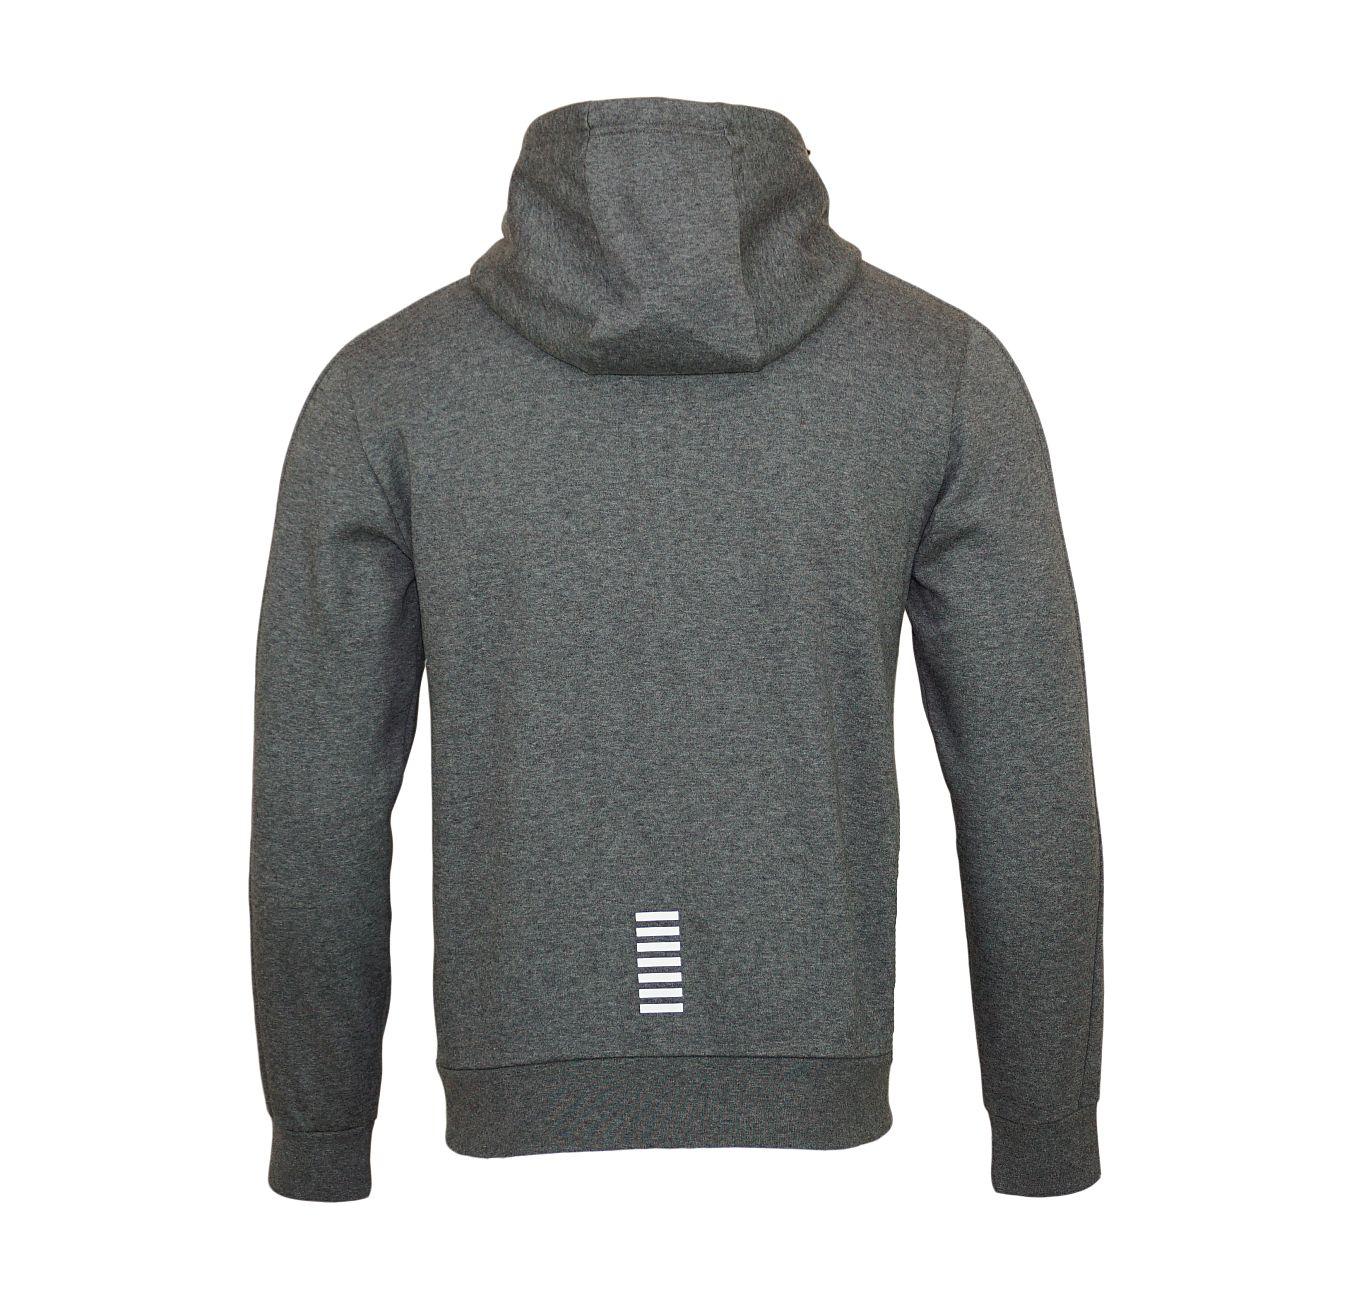 EA7 Emporio Armani Sweatshirt Jacke Hoodie 6YPM59 PJ07Z 3925 Dark Grey Melange SH18-EA7S